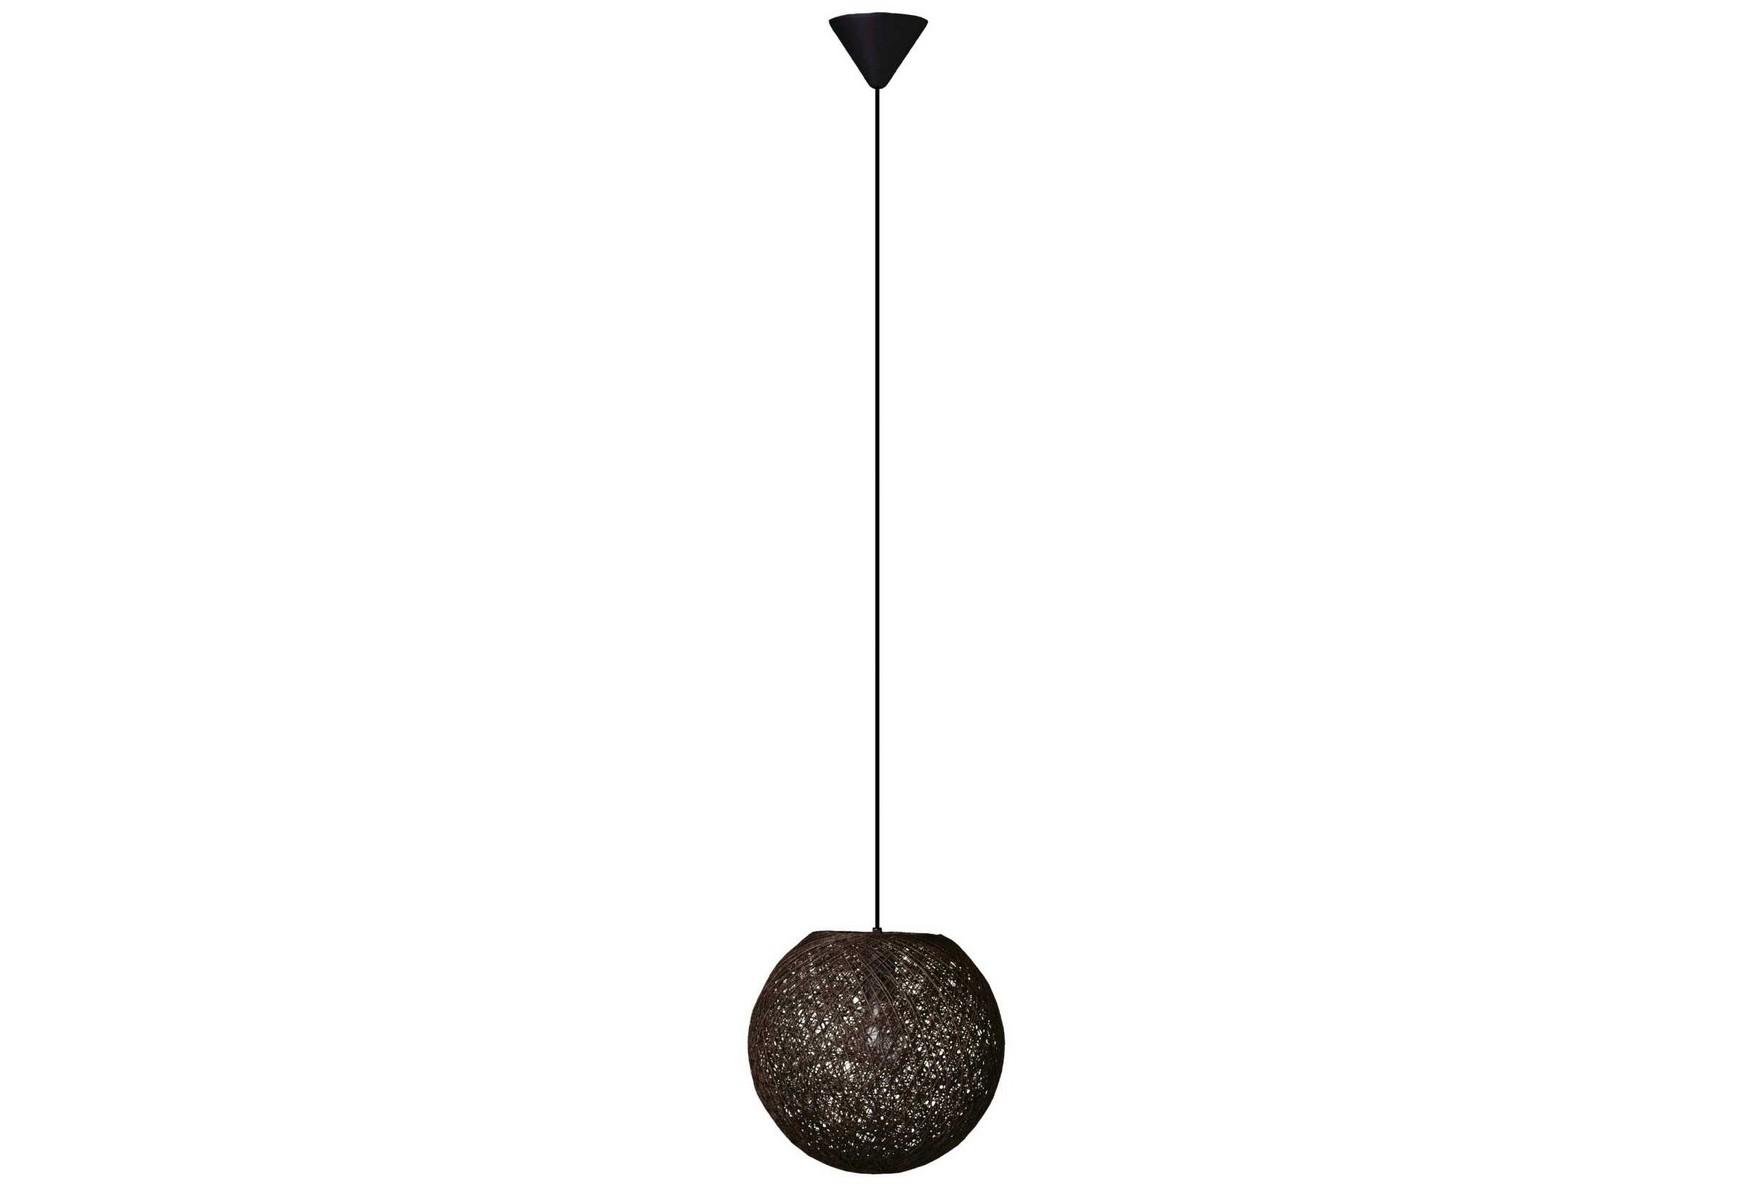 Лампа потолочная BumbleПодвесные светильники<br>Материалы: металл, бамбук&amp;lt;div&amp;gt;Вид цоколя: E27&amp;amp;nbsp;&amp;lt;/div&amp;gt;&amp;lt;div&amp;gt;Количество ламп: 1&amp;amp;nbsp;&amp;lt;/div&amp;gt;&amp;lt;div&amp;gt;Наличие ламп: отсутствуют&amp;amp;nbsp;&amp;lt;/div&amp;gt;&amp;lt;div&amp;gt;Мощность лампы: 60W&amp;lt;/div&amp;gt;<br><br>Material: Бамбук<br>Height см: 140<br>Diameter см: 31